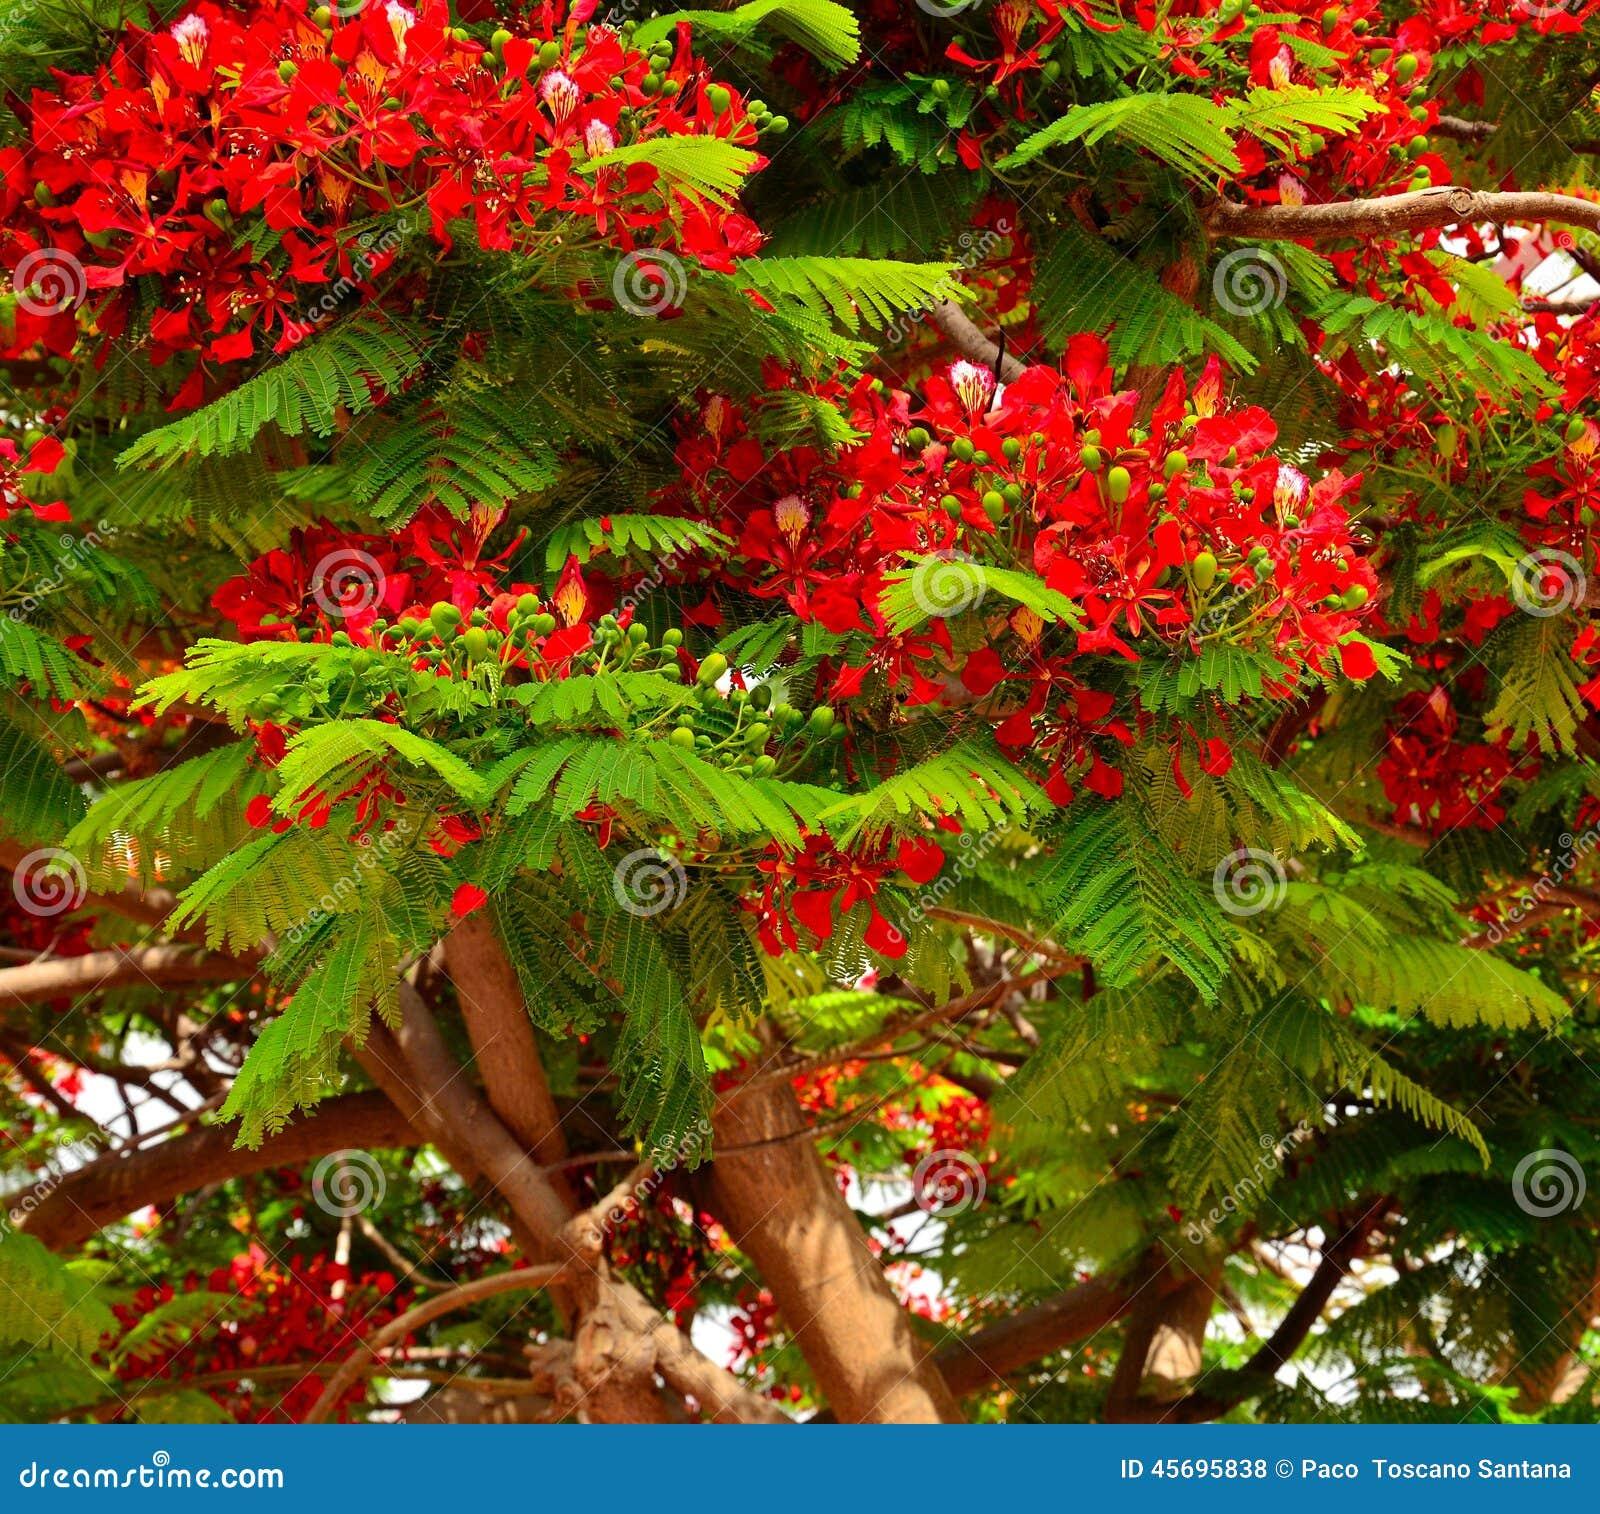 Albero flamboyan frondoso con i fiori ed i germogli verdi for Albero con fiori blu